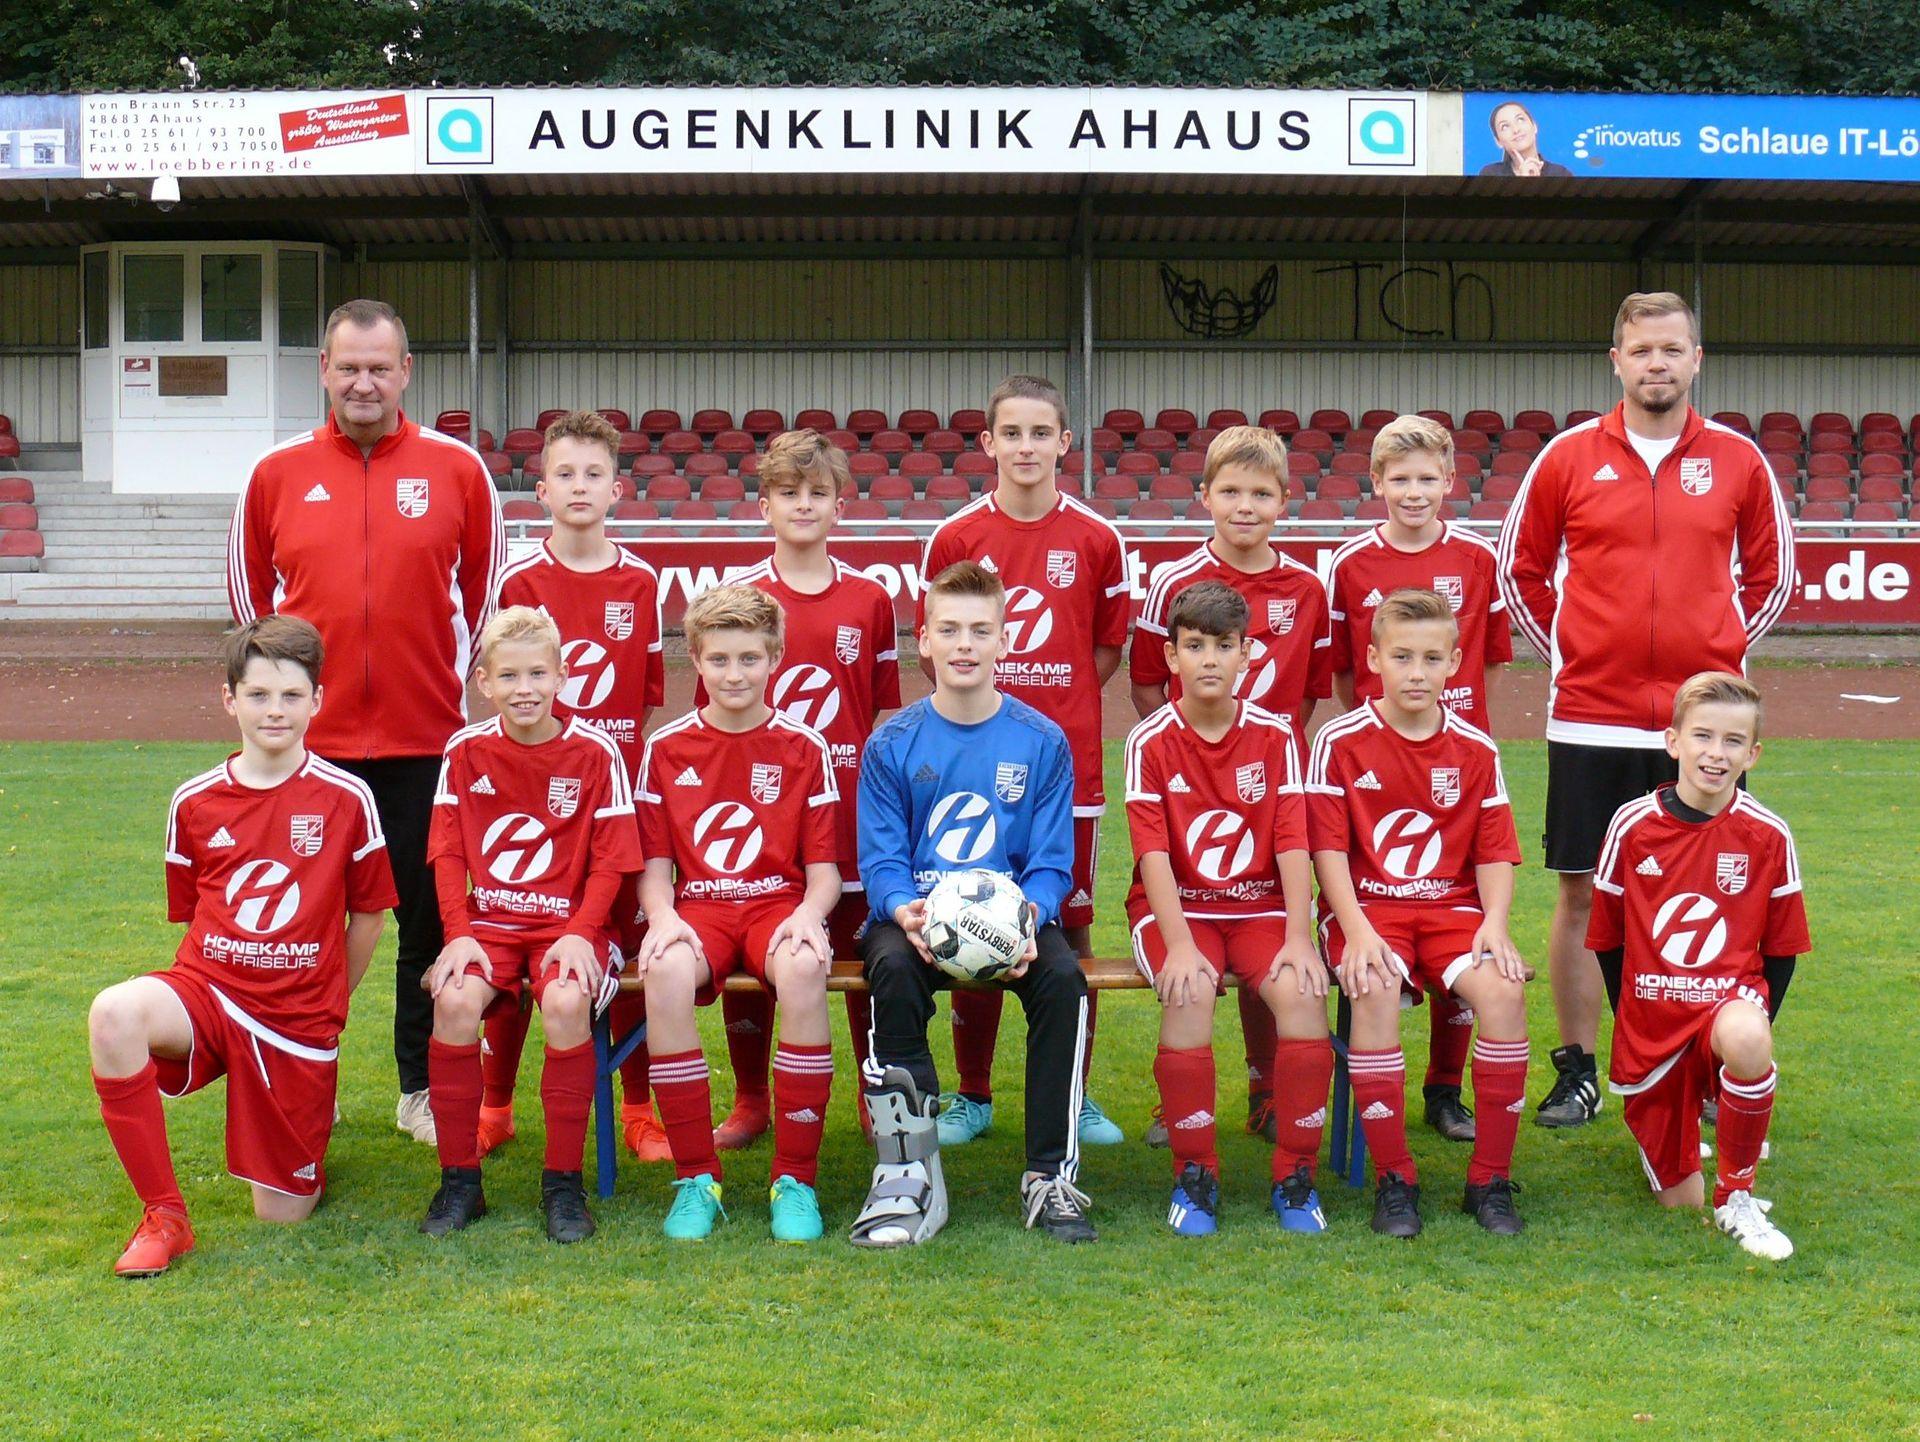 D1-Junioren | SV Eintracht Ahaus